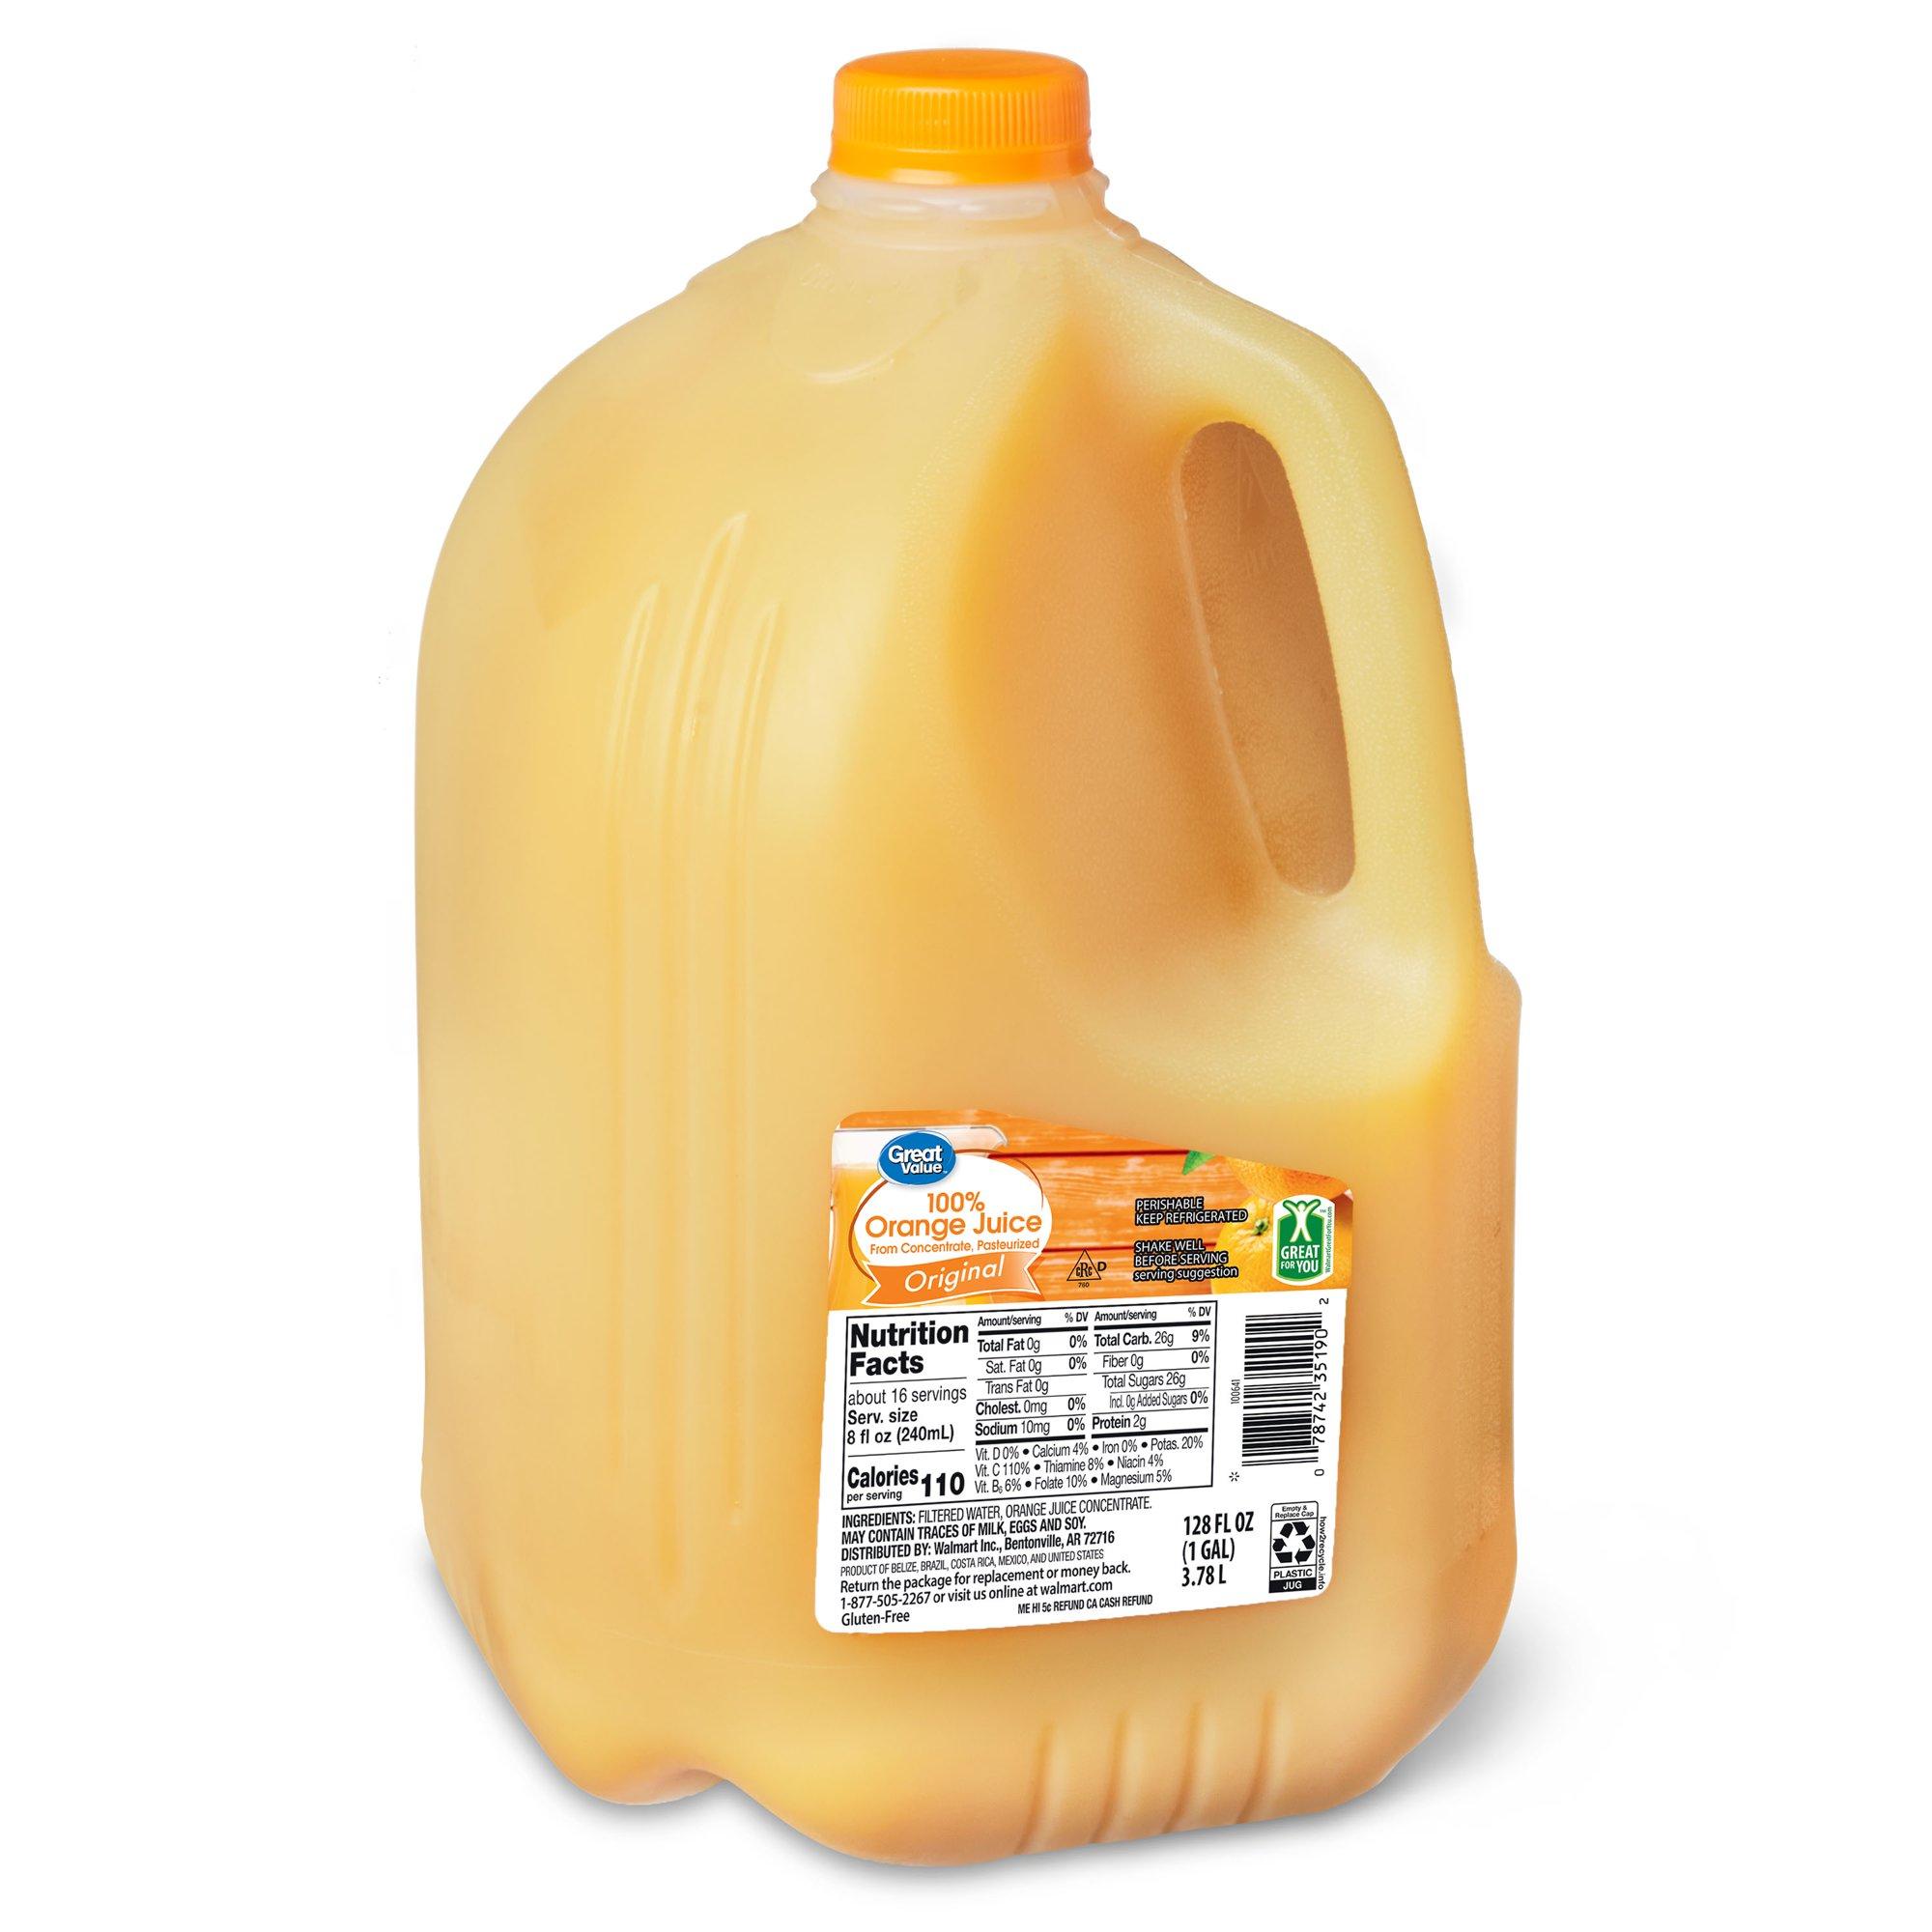 アメリカのオレンジジュースがこれ